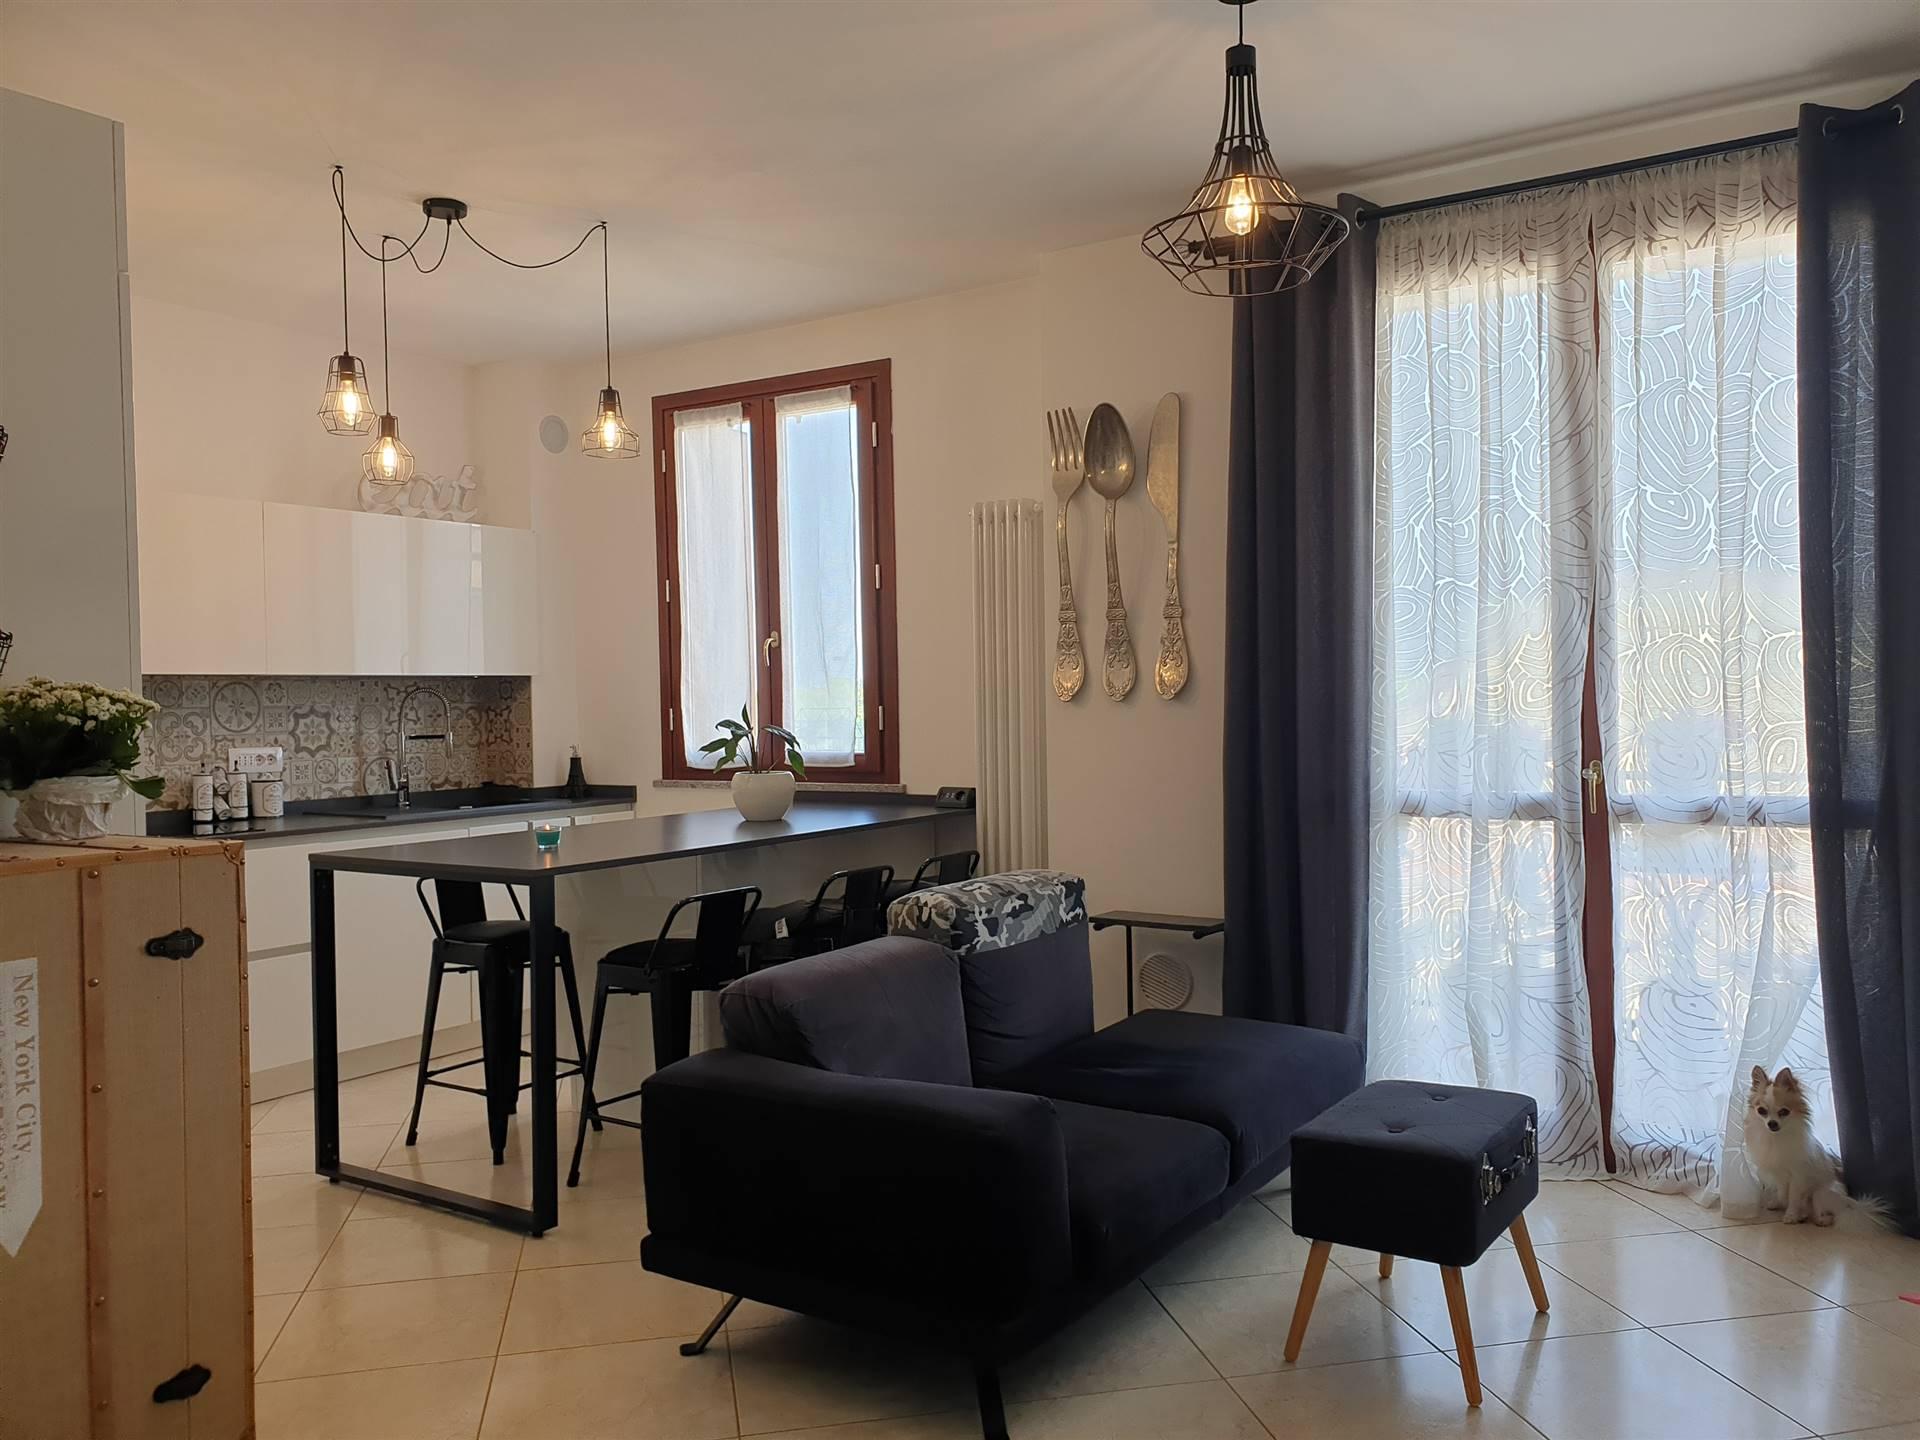 ApartmentinMONTECHIARUGOLO